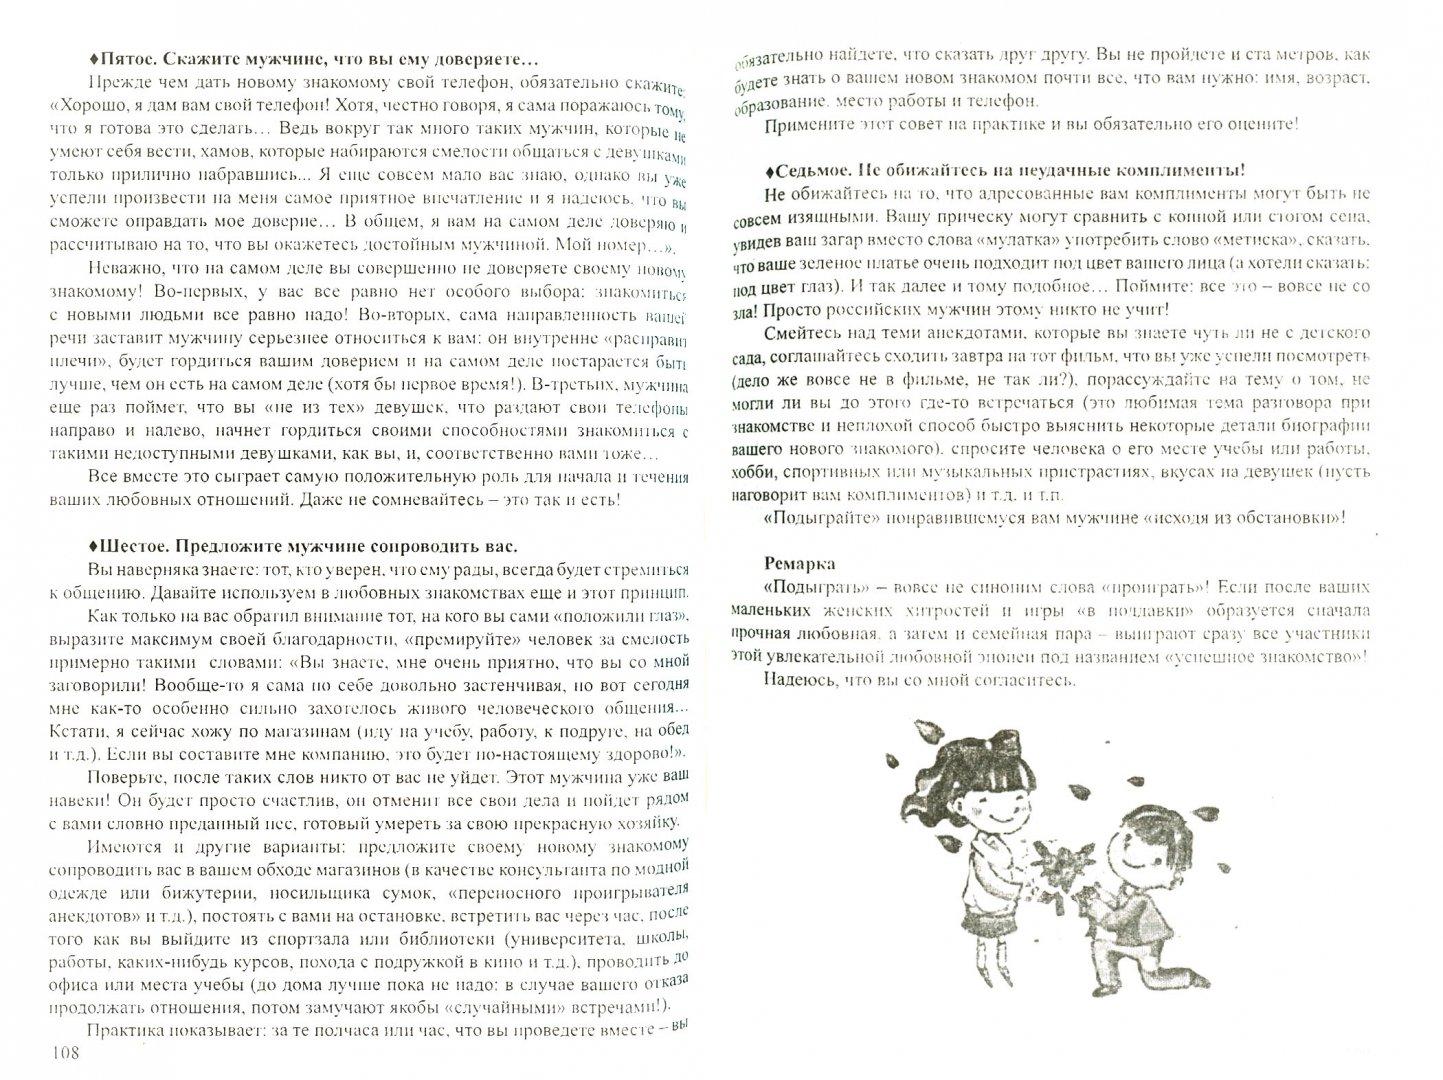 Иллюстрация 1 из 5 для Стратегия успешного любовного знакомства: мужские советы для женщин и мужчин - Андрей Зберовский | Лабиринт - книги. Источник: Лабиринт